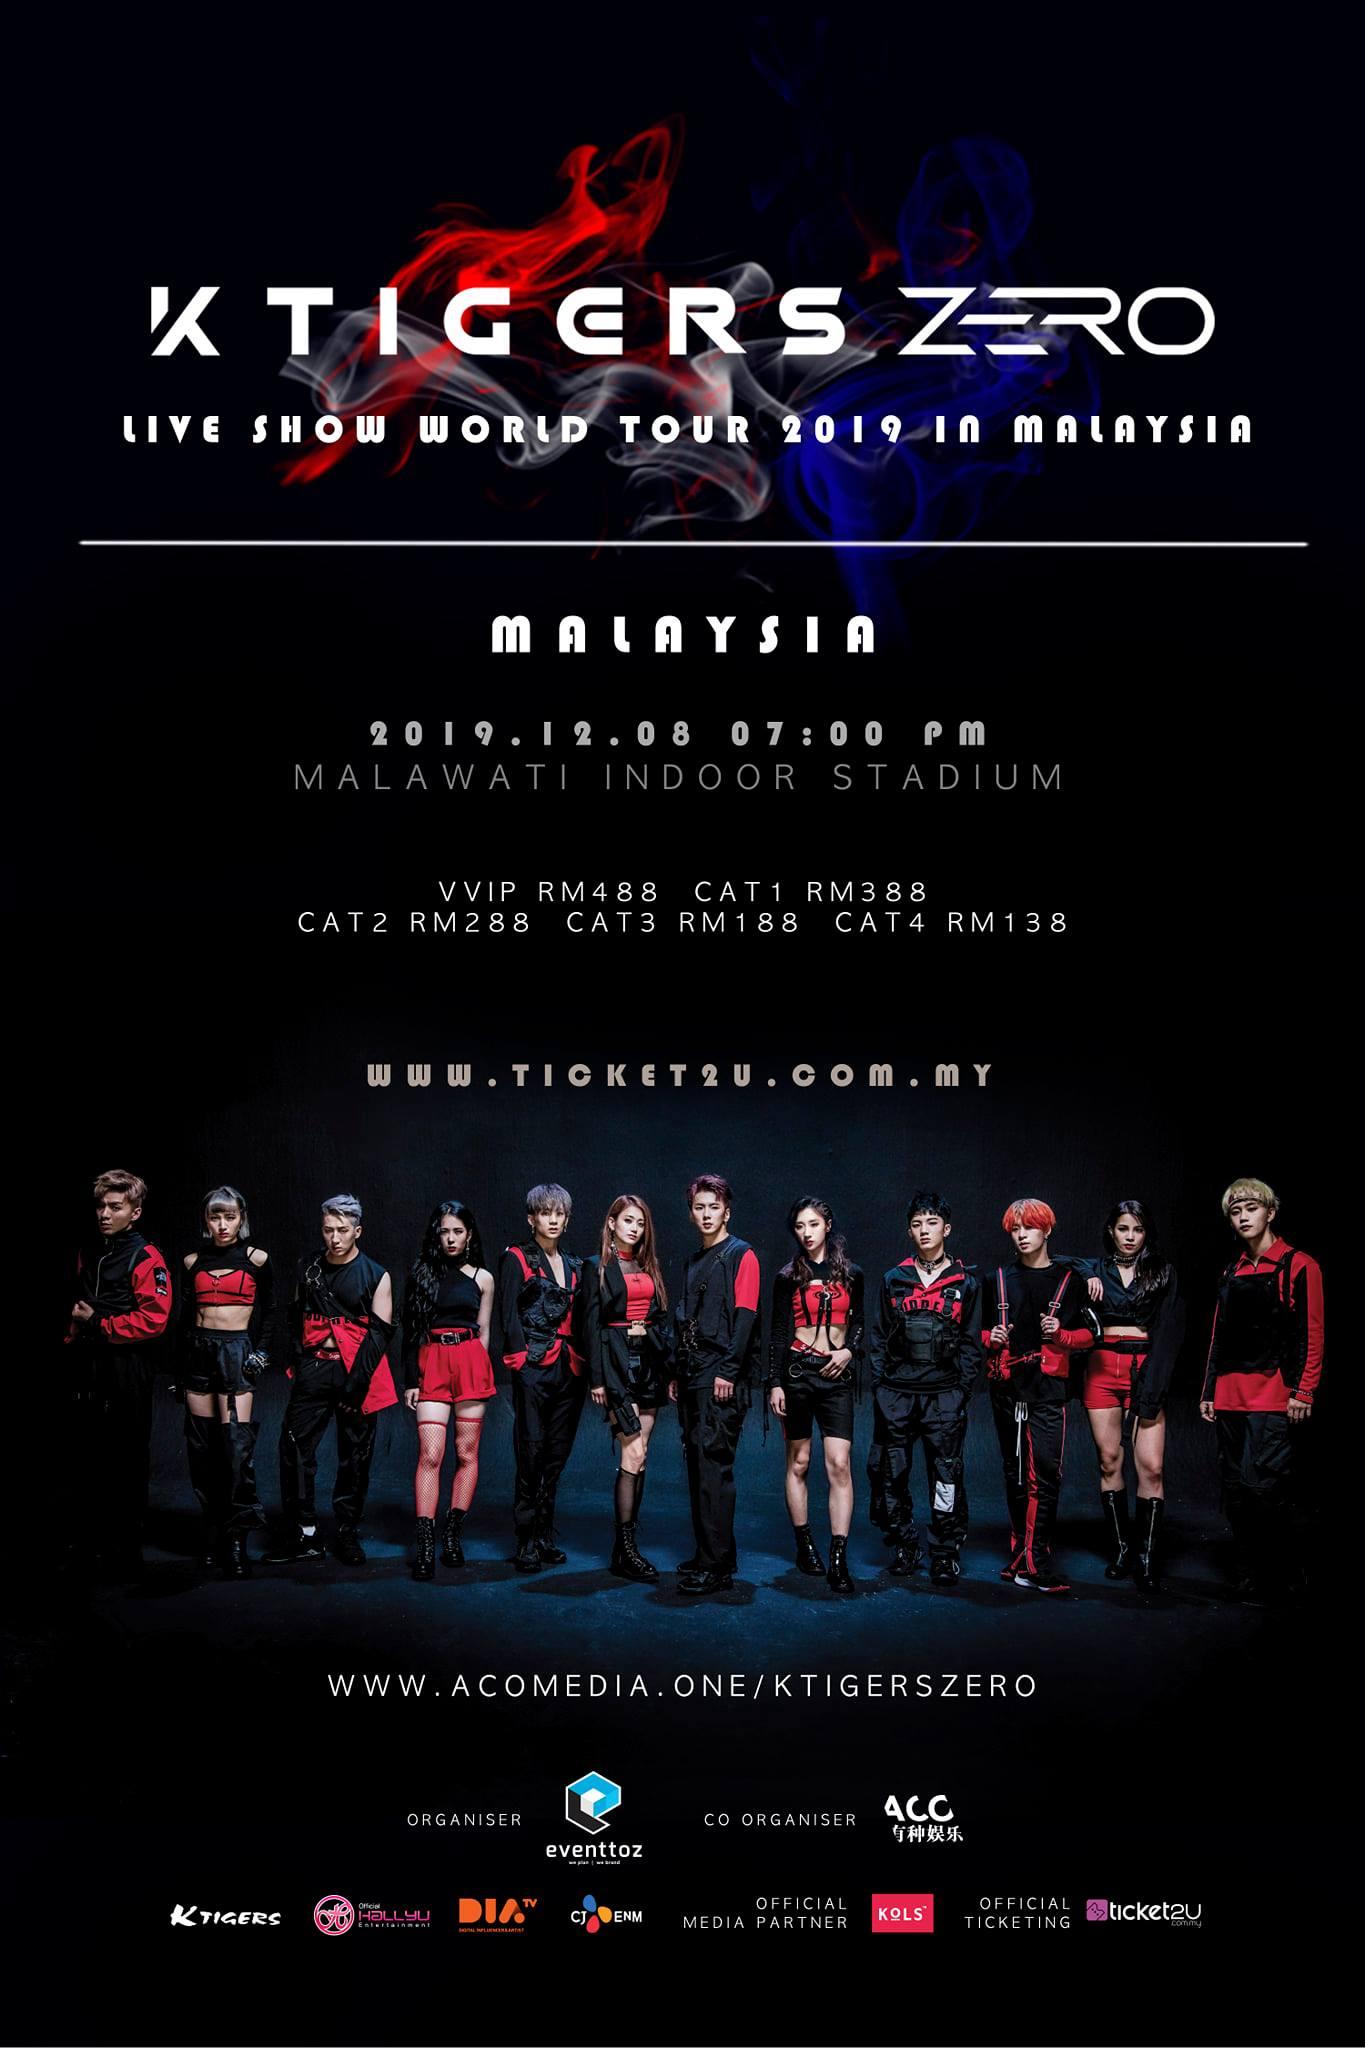 KTIGERS ZERO LIVE SHOW WORLD TOUR 2019 in Malaysia